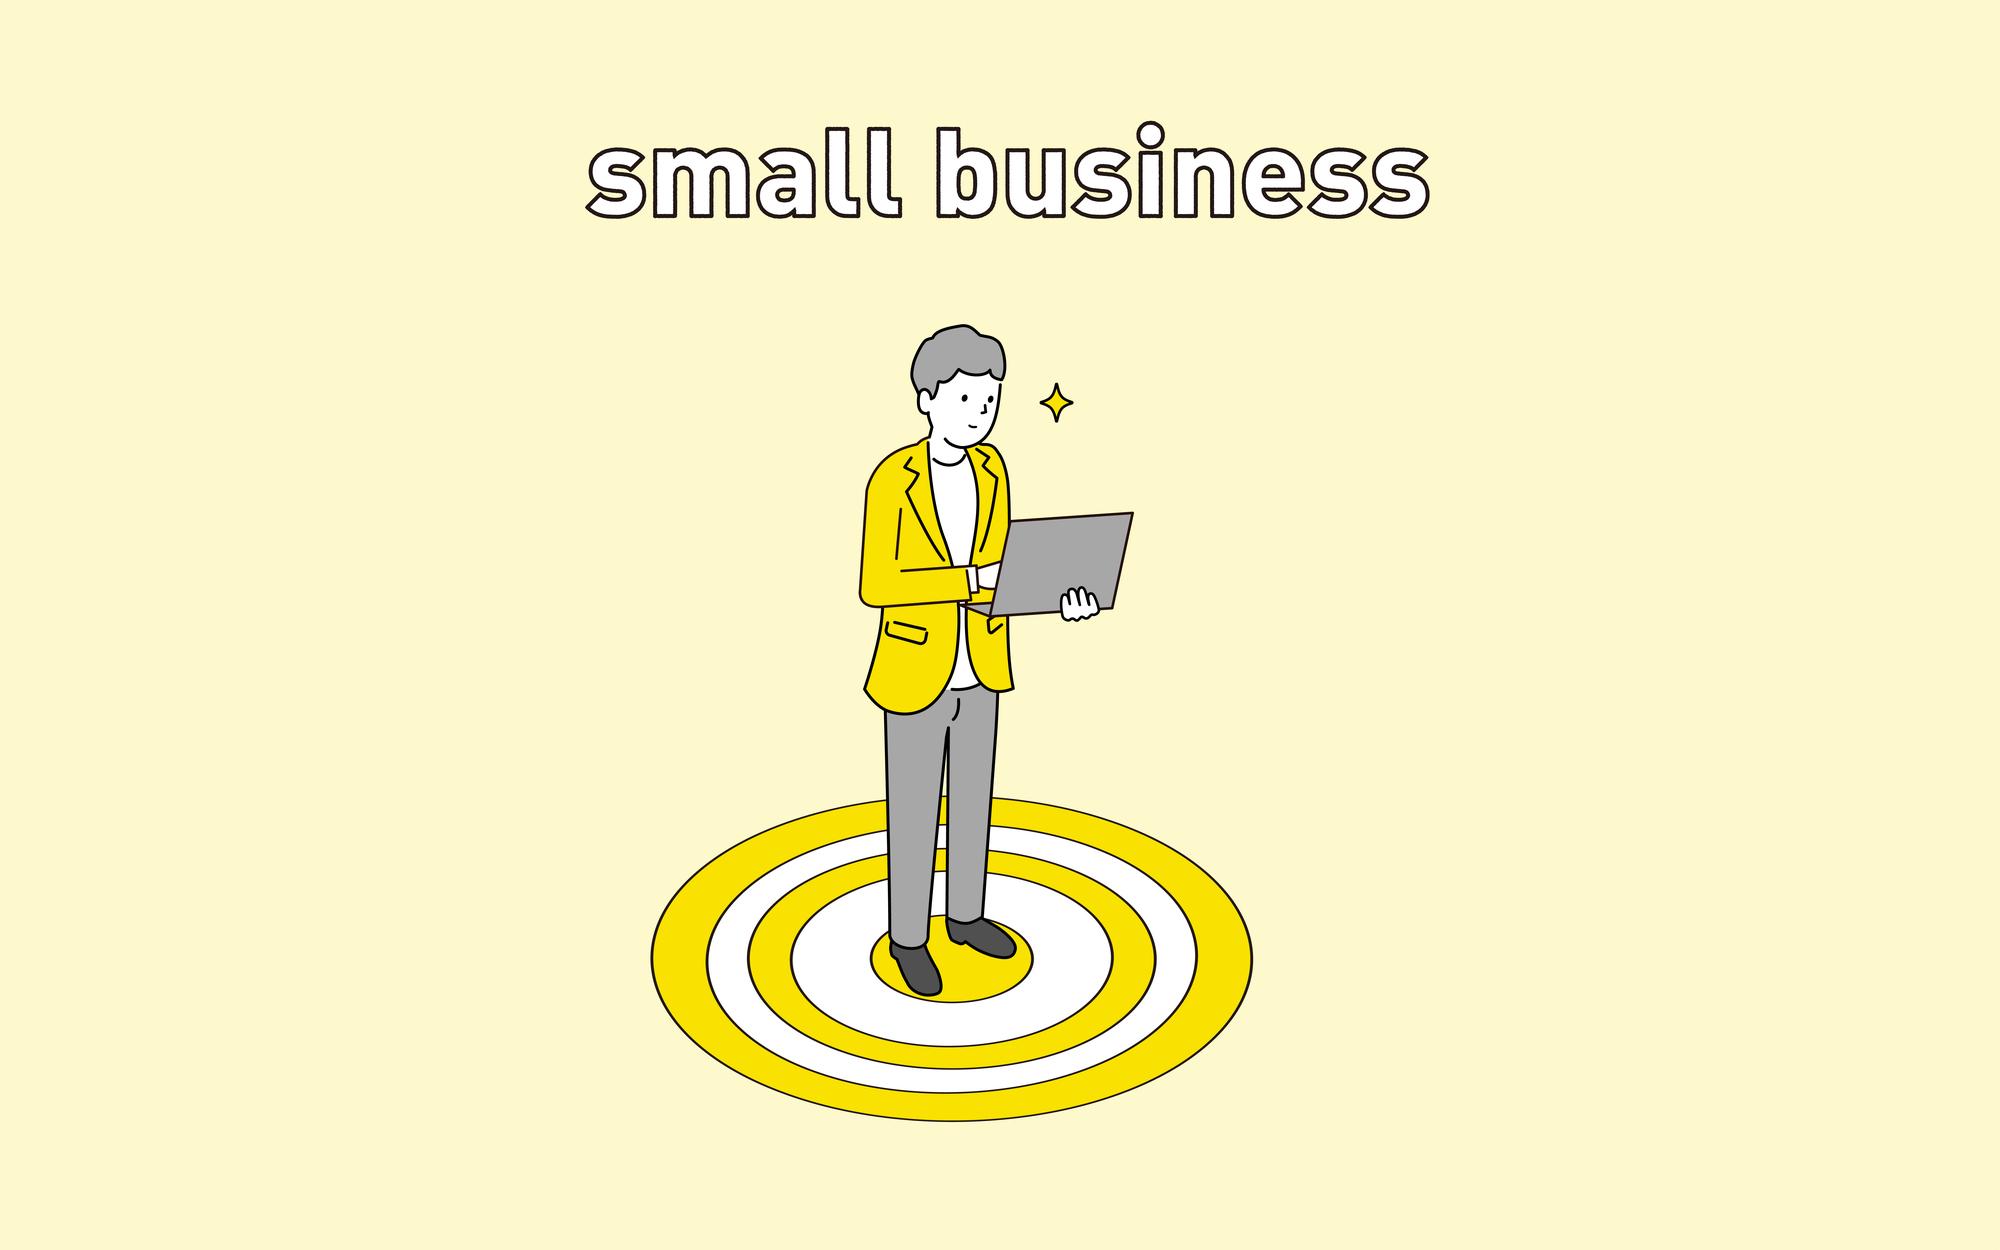 中小企業の課題は進まぬDX化と後継者不足?解決に導く2つの方法とは